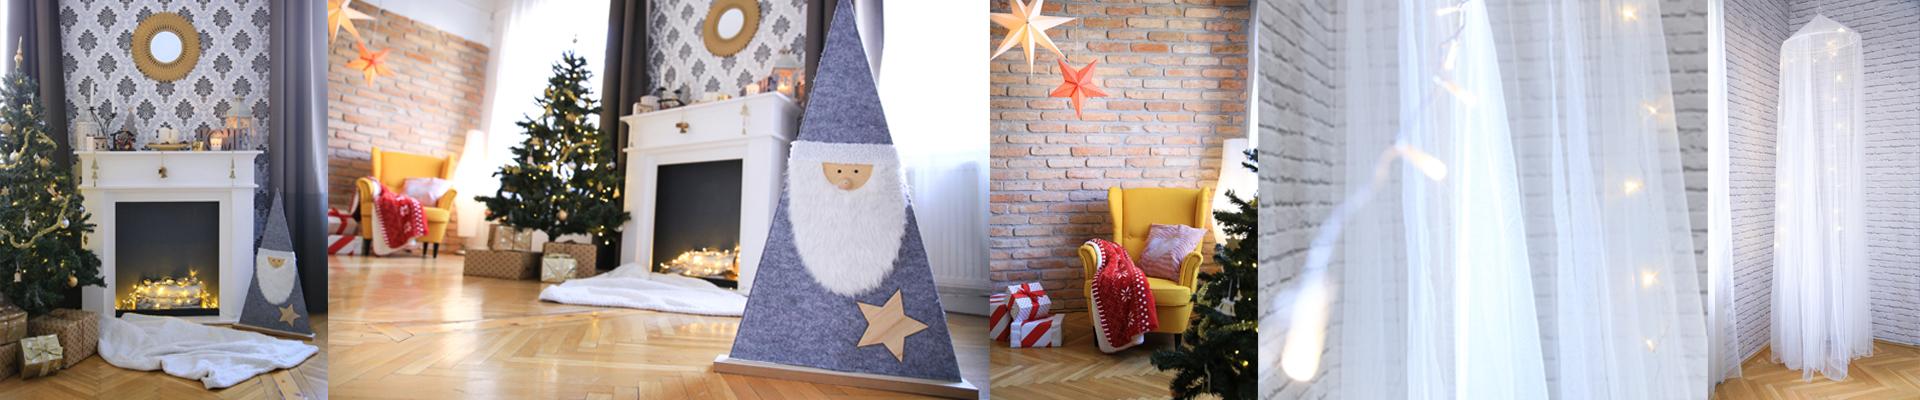 Bérelhető fotóstúdió karácsonyi díszlettel